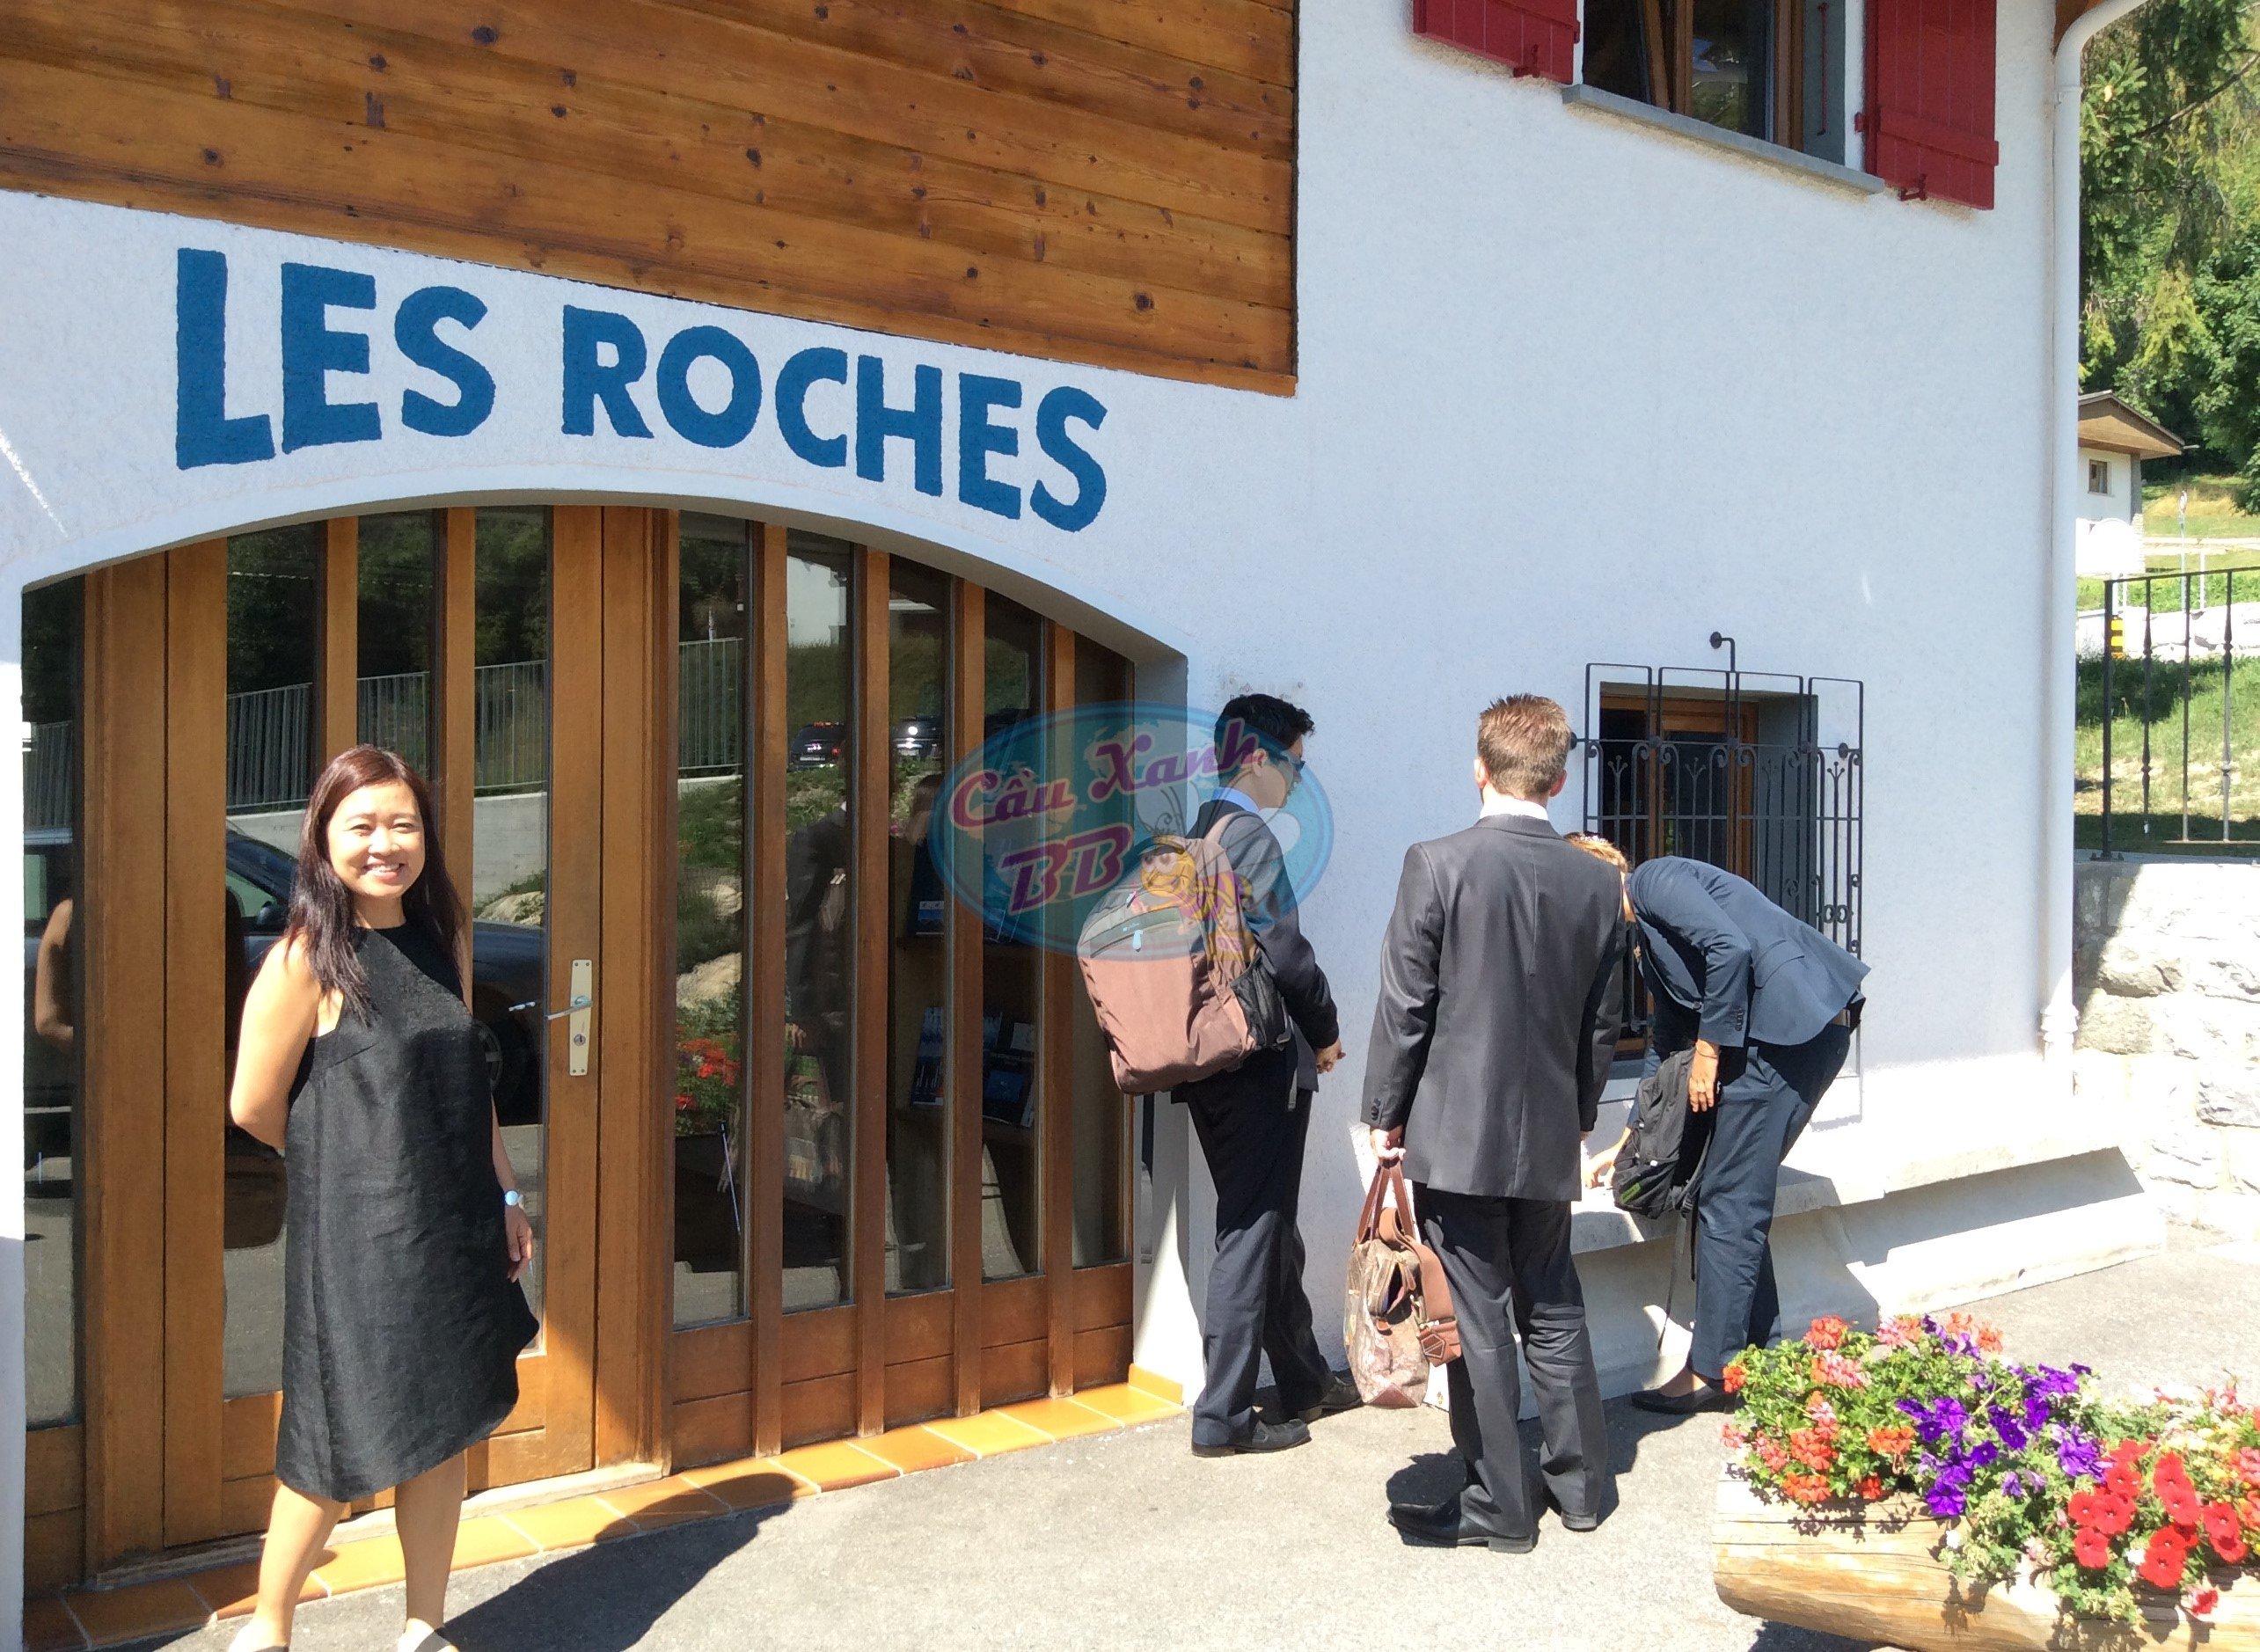 Bí quyết có cuộc sống hạnh phúc theo lời khuyên của GV trường Quản trị du lịch và khách sạn Les Roches